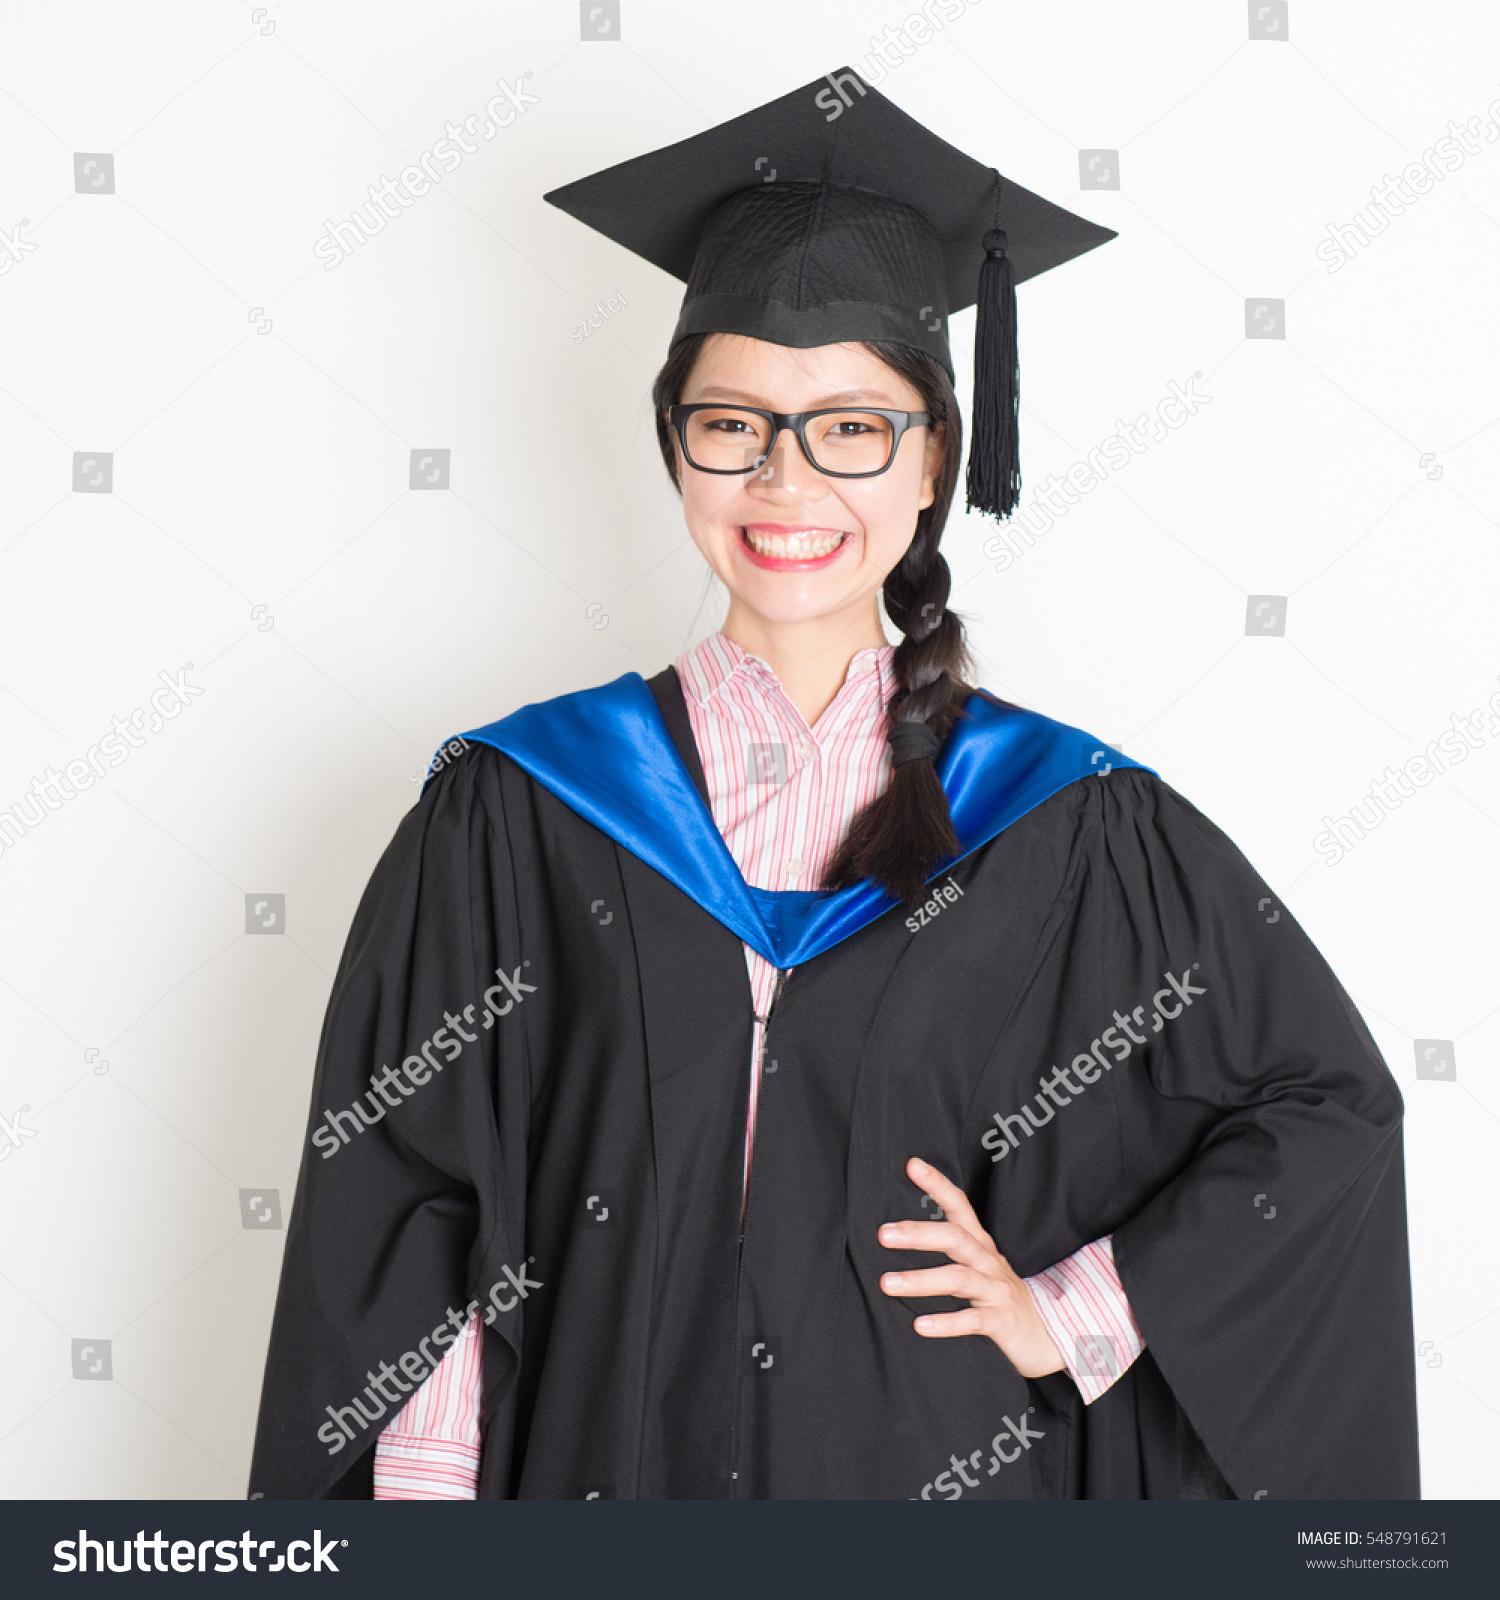 University Student Graduation Gown Cap Portrait Stock Photo (Edit ...